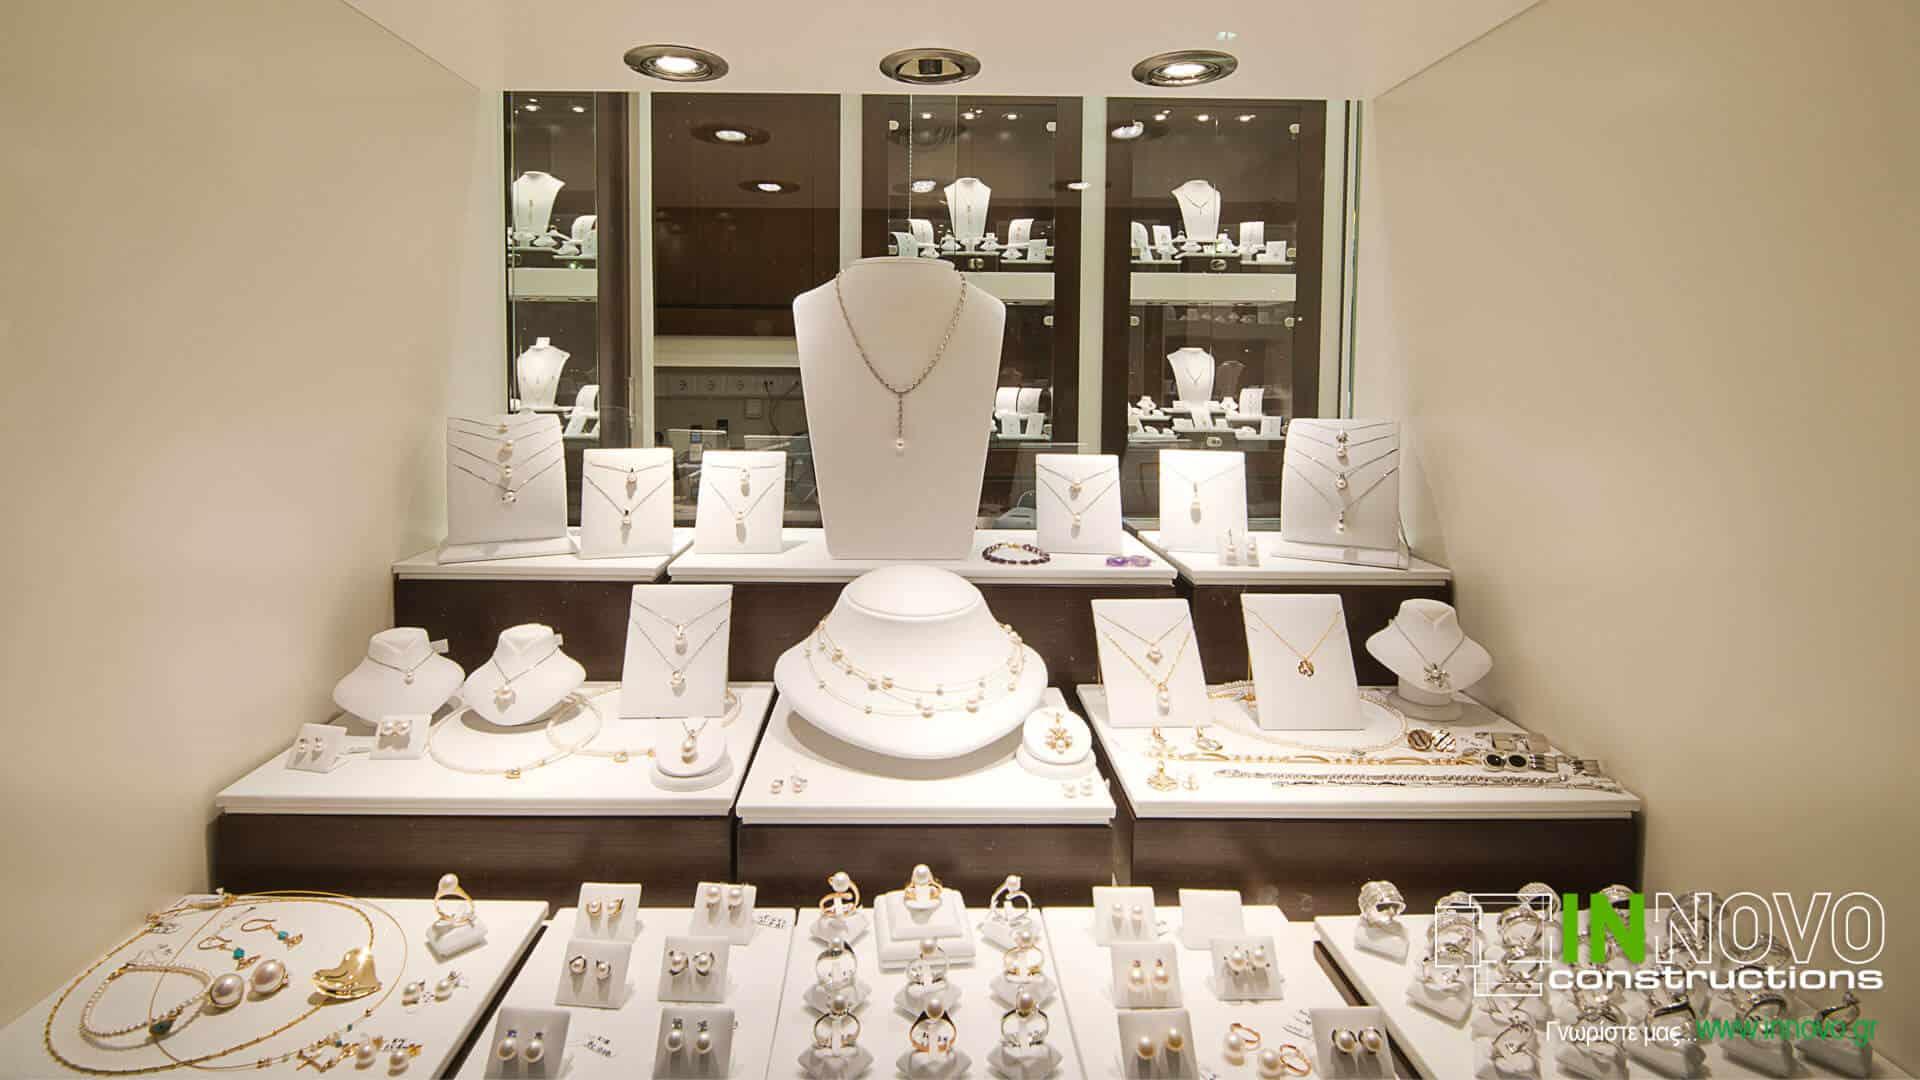 anakainisi-kosmimatopoleiou-jewelry-renovation-kosmimatopoleio-peiraias-1297-10